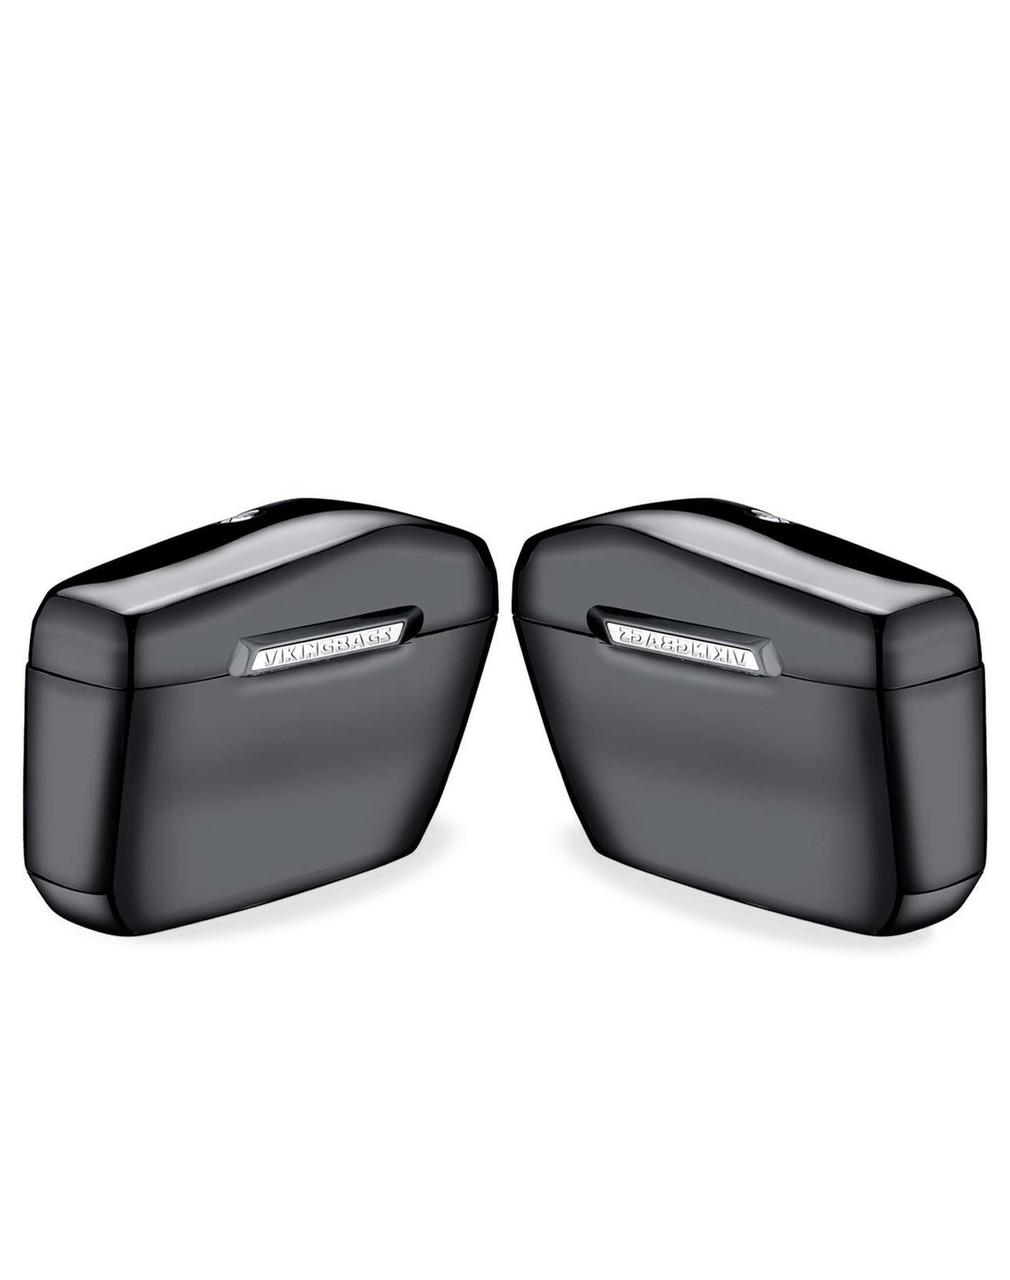 Honda 750 Shadow Aero Viking Lamellar Large Black Hard Saddlebags Both Bags View